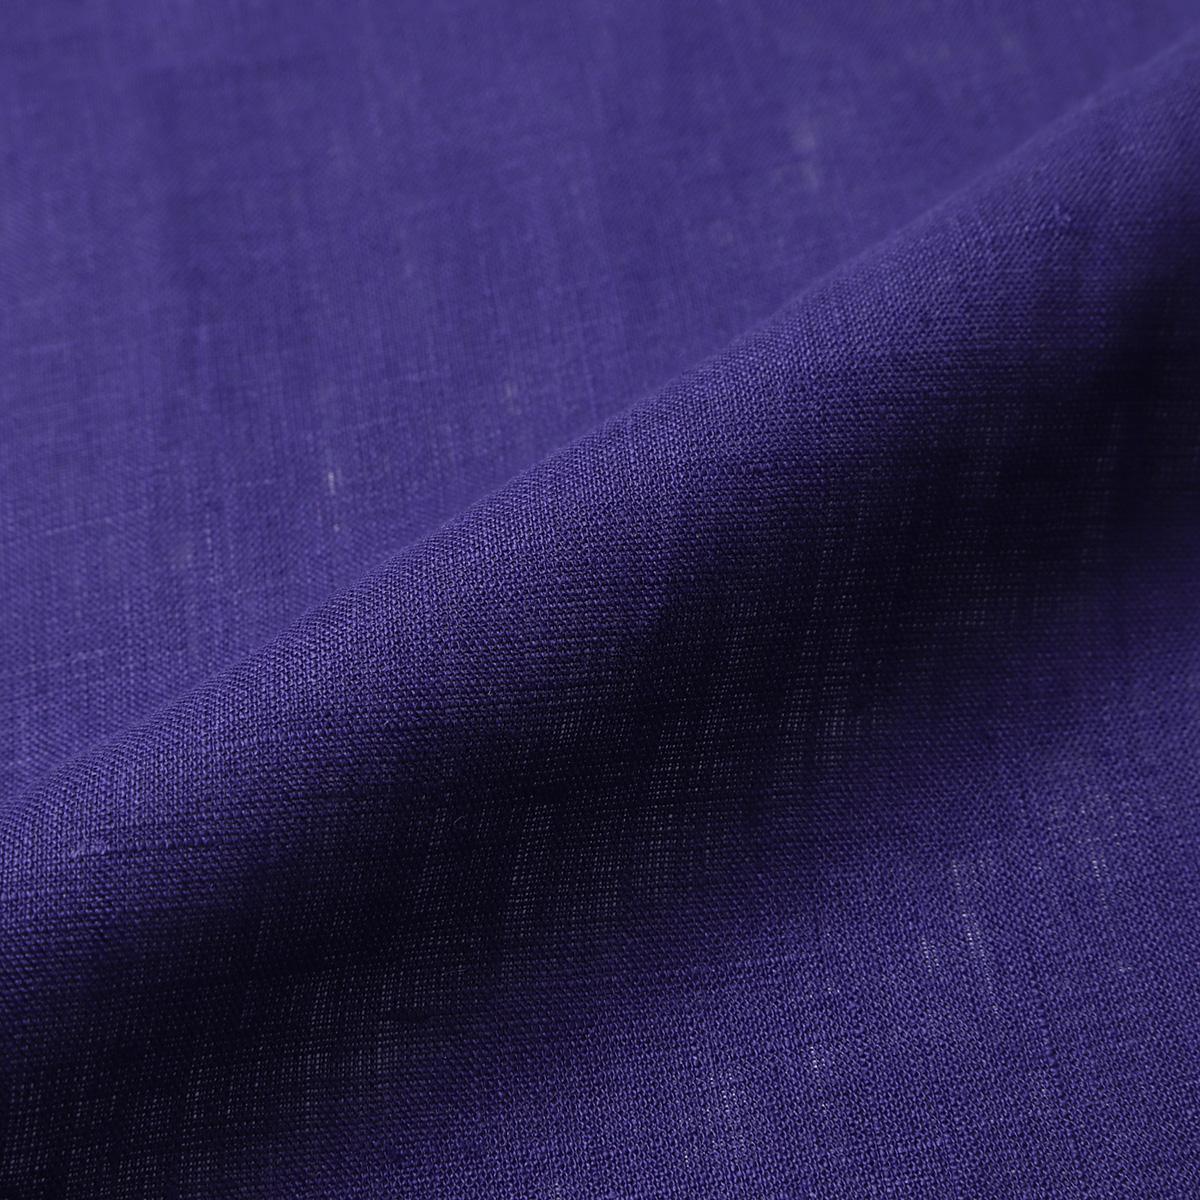 150cm巾【 リネン 100%生地 】 パープル 薄地 1m単位 R0078-233【シャツ、スカート、ワンピースに最適】